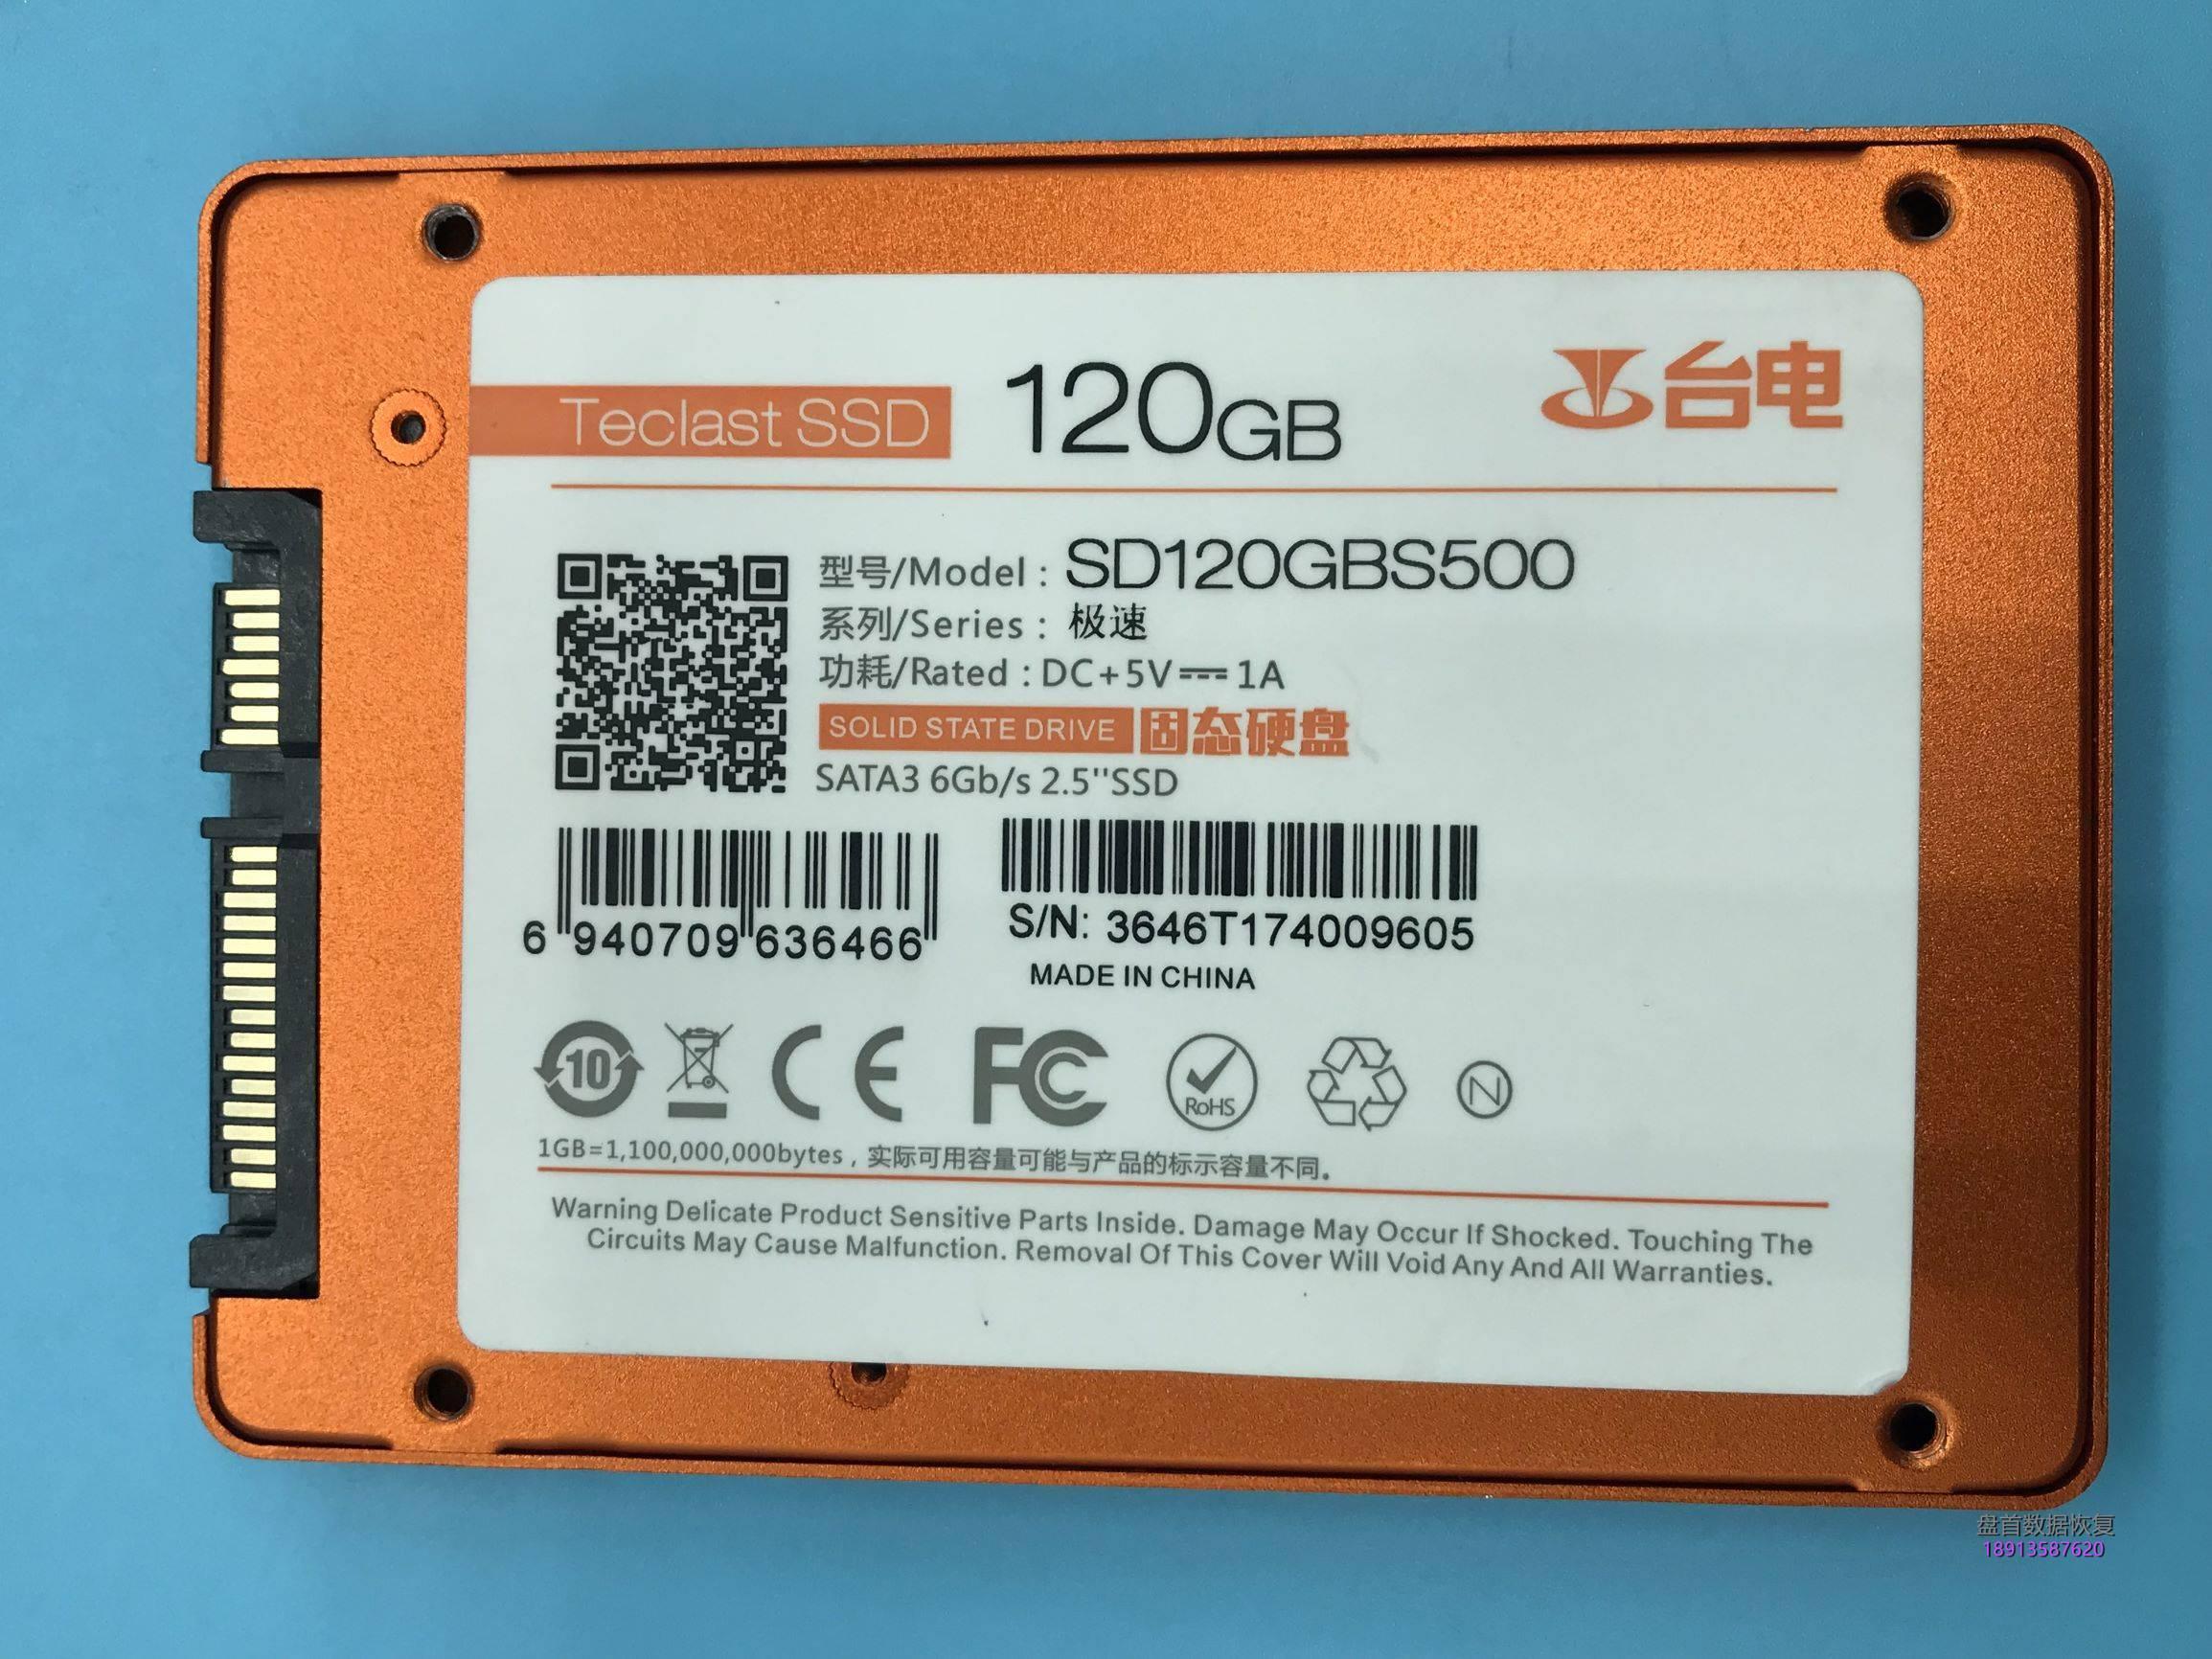 0 成功恢复SD120GBS500台电120G固态硬盘突然损坏后SSD硬盘就无法识别了